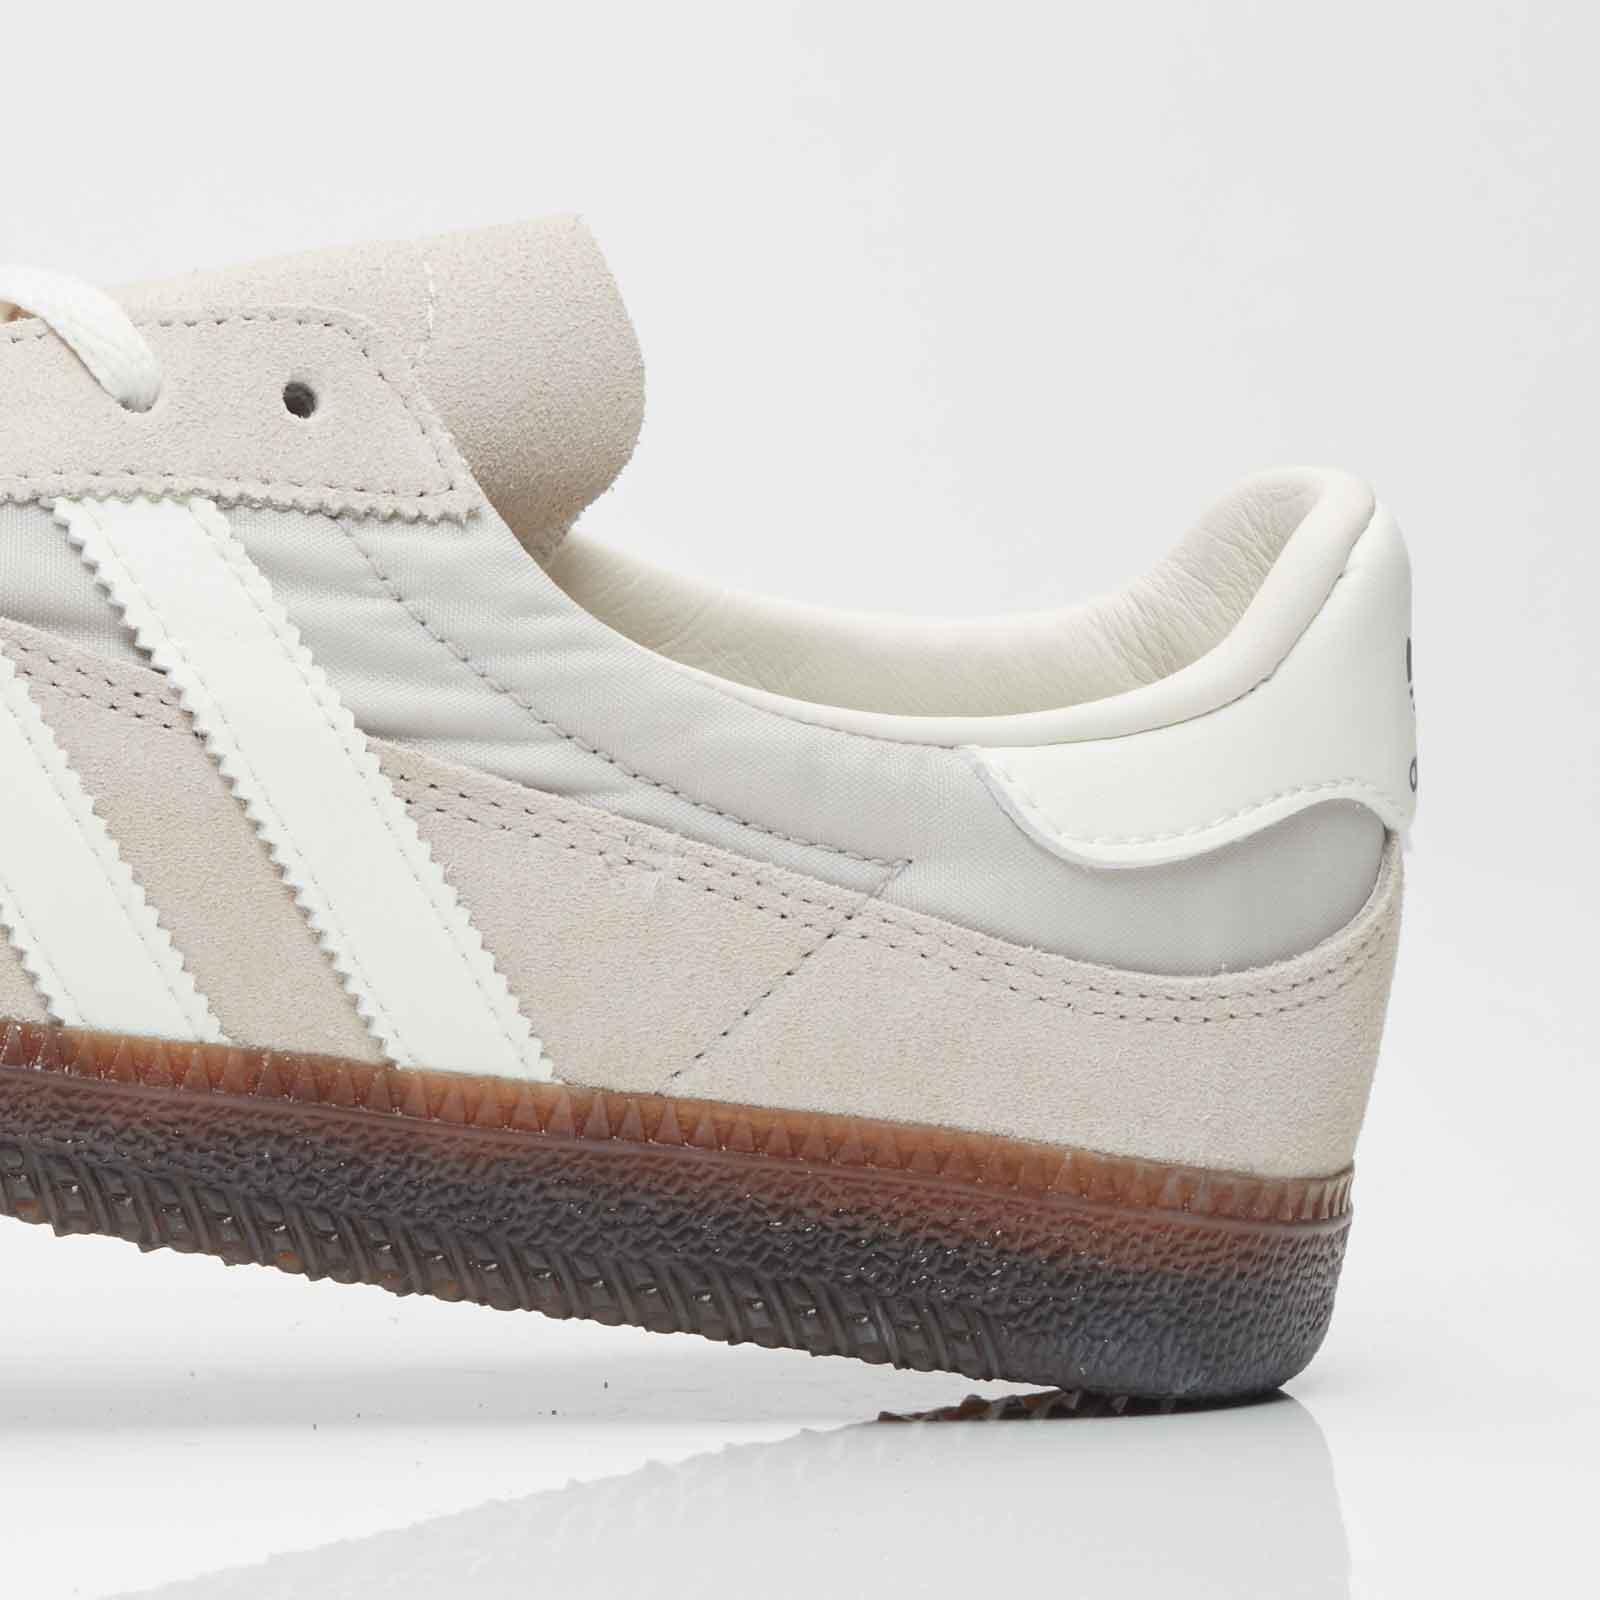 timeless design 1e964 2feb8 ... adidas Originals Spezial Gt Wensley